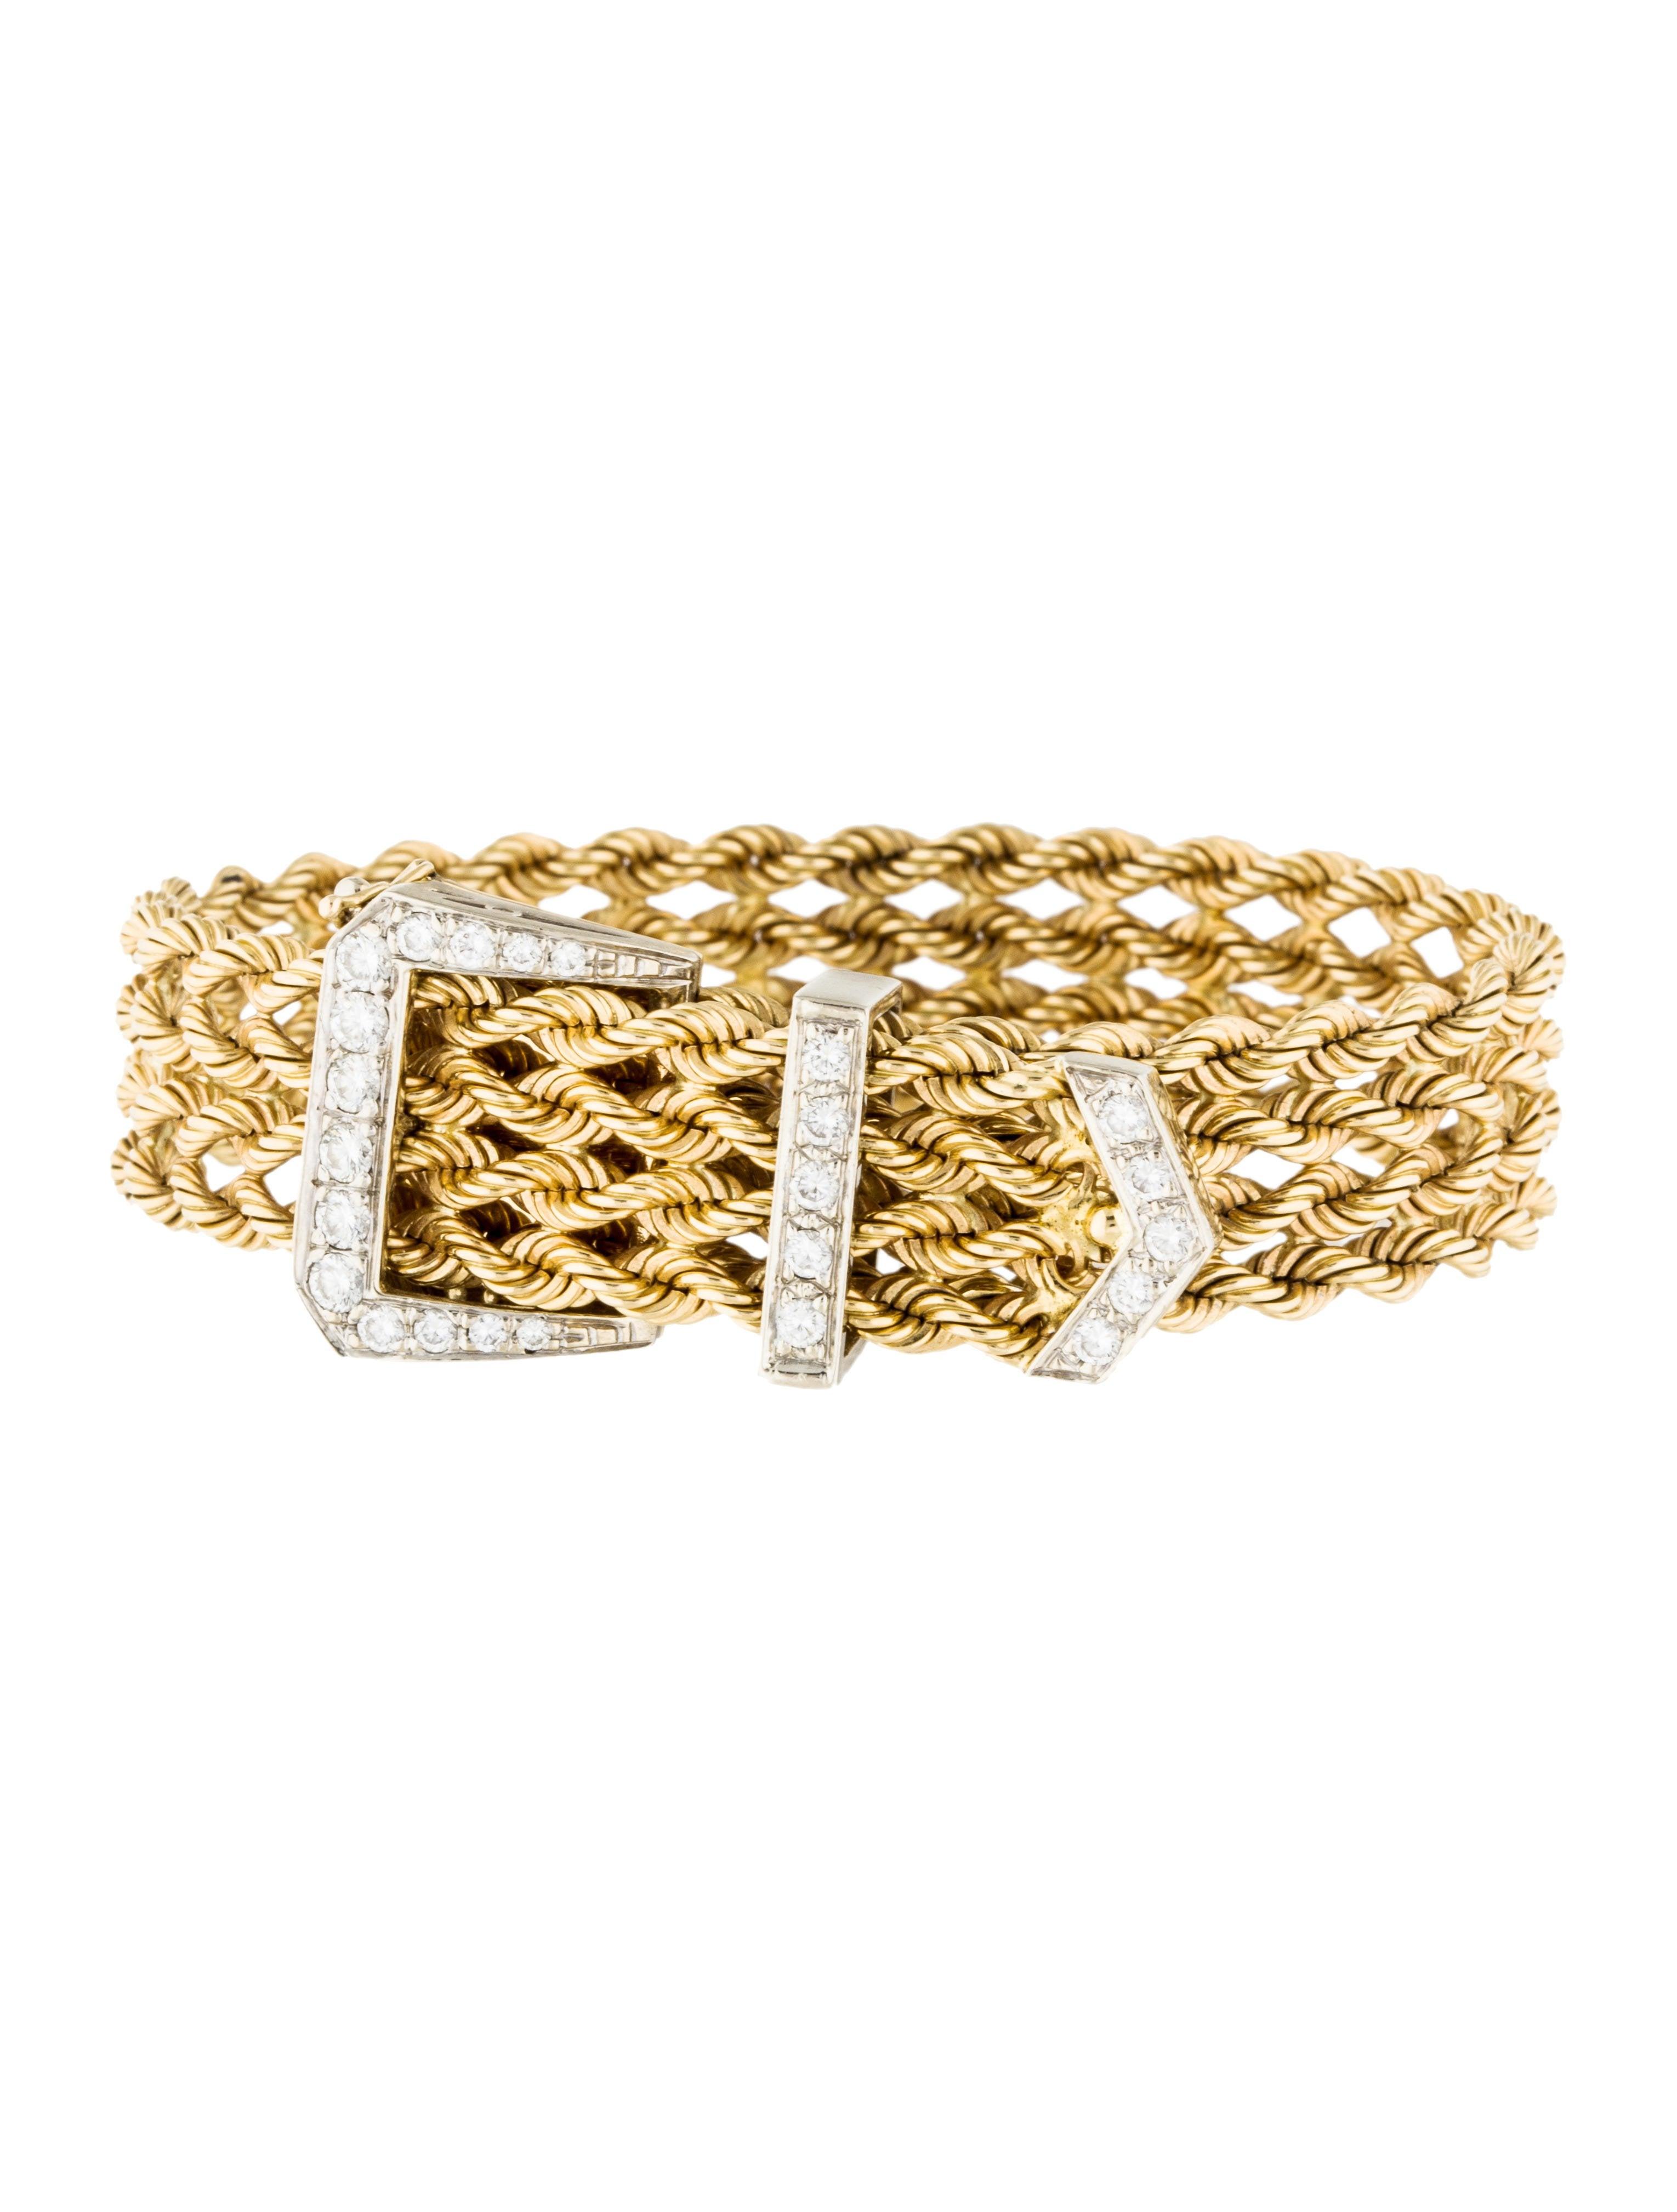 Diamond Anklet With Toe Ring Lc00035 In Anklets From: 14K Diamond Buckle Bracelet - Bracelets - BRACE26911